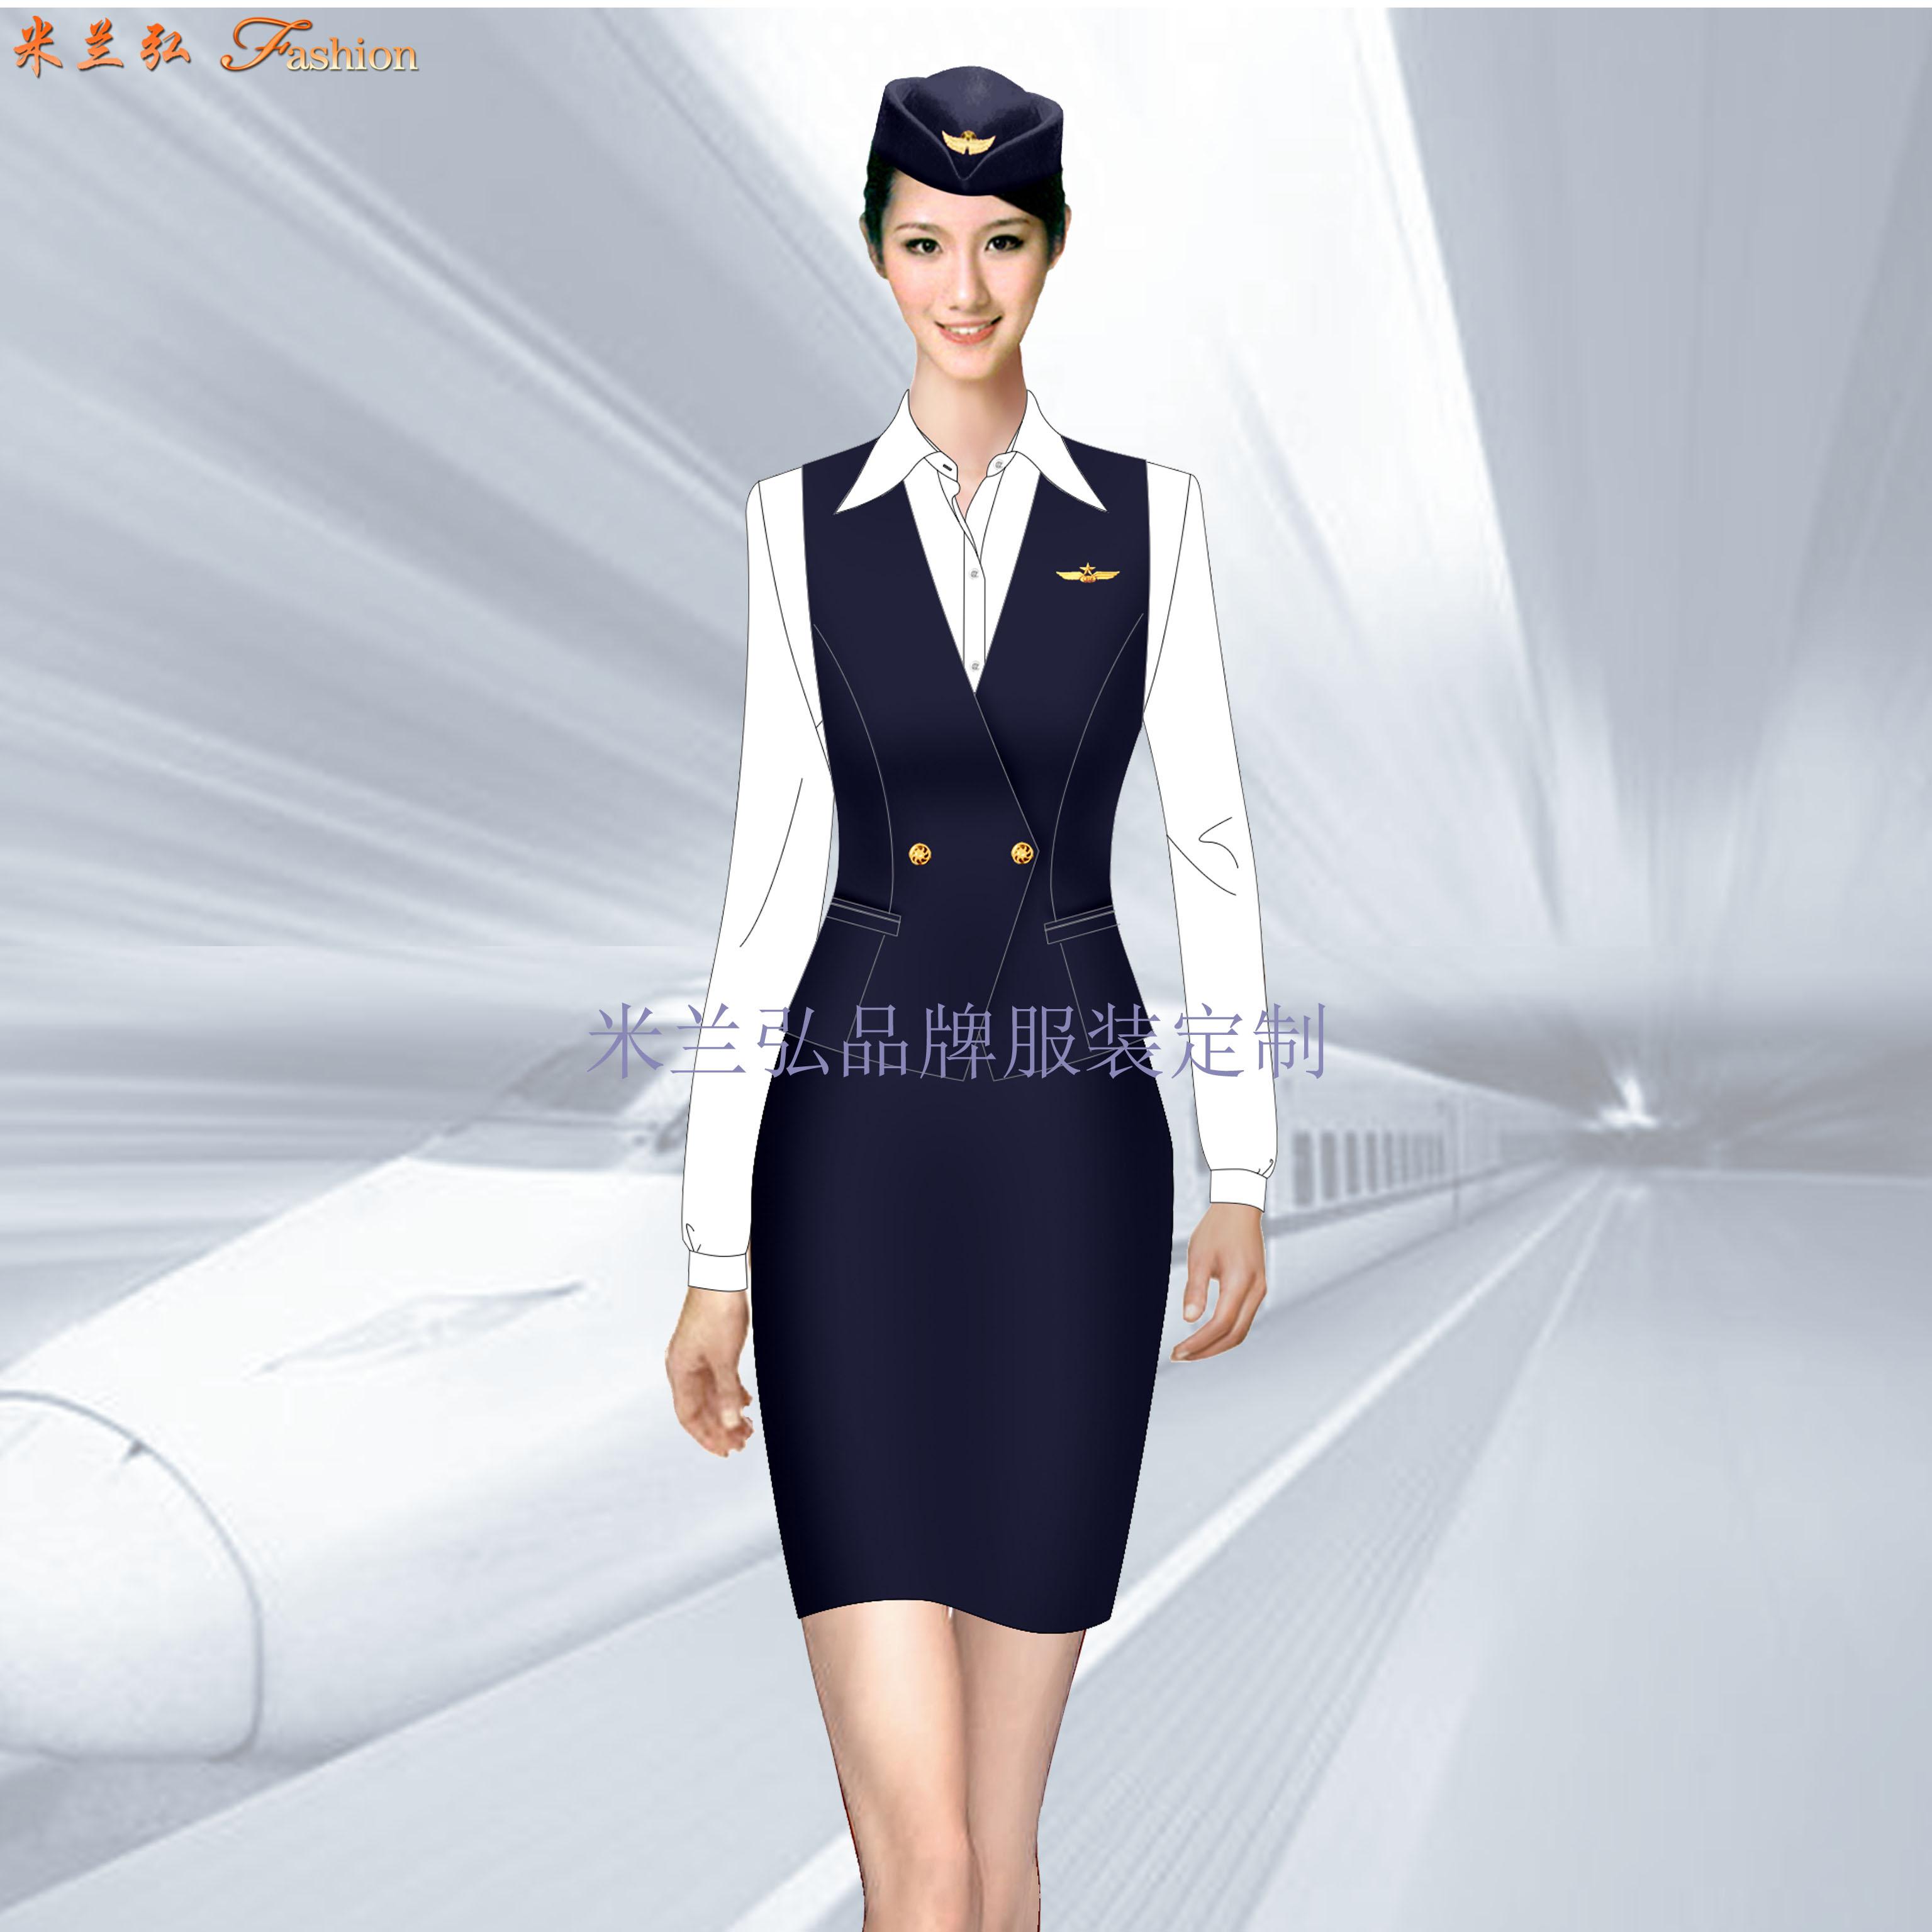 高鐵衣服價格-定做高鐵工作人員服裝-米蘭弘服裝廠家-1